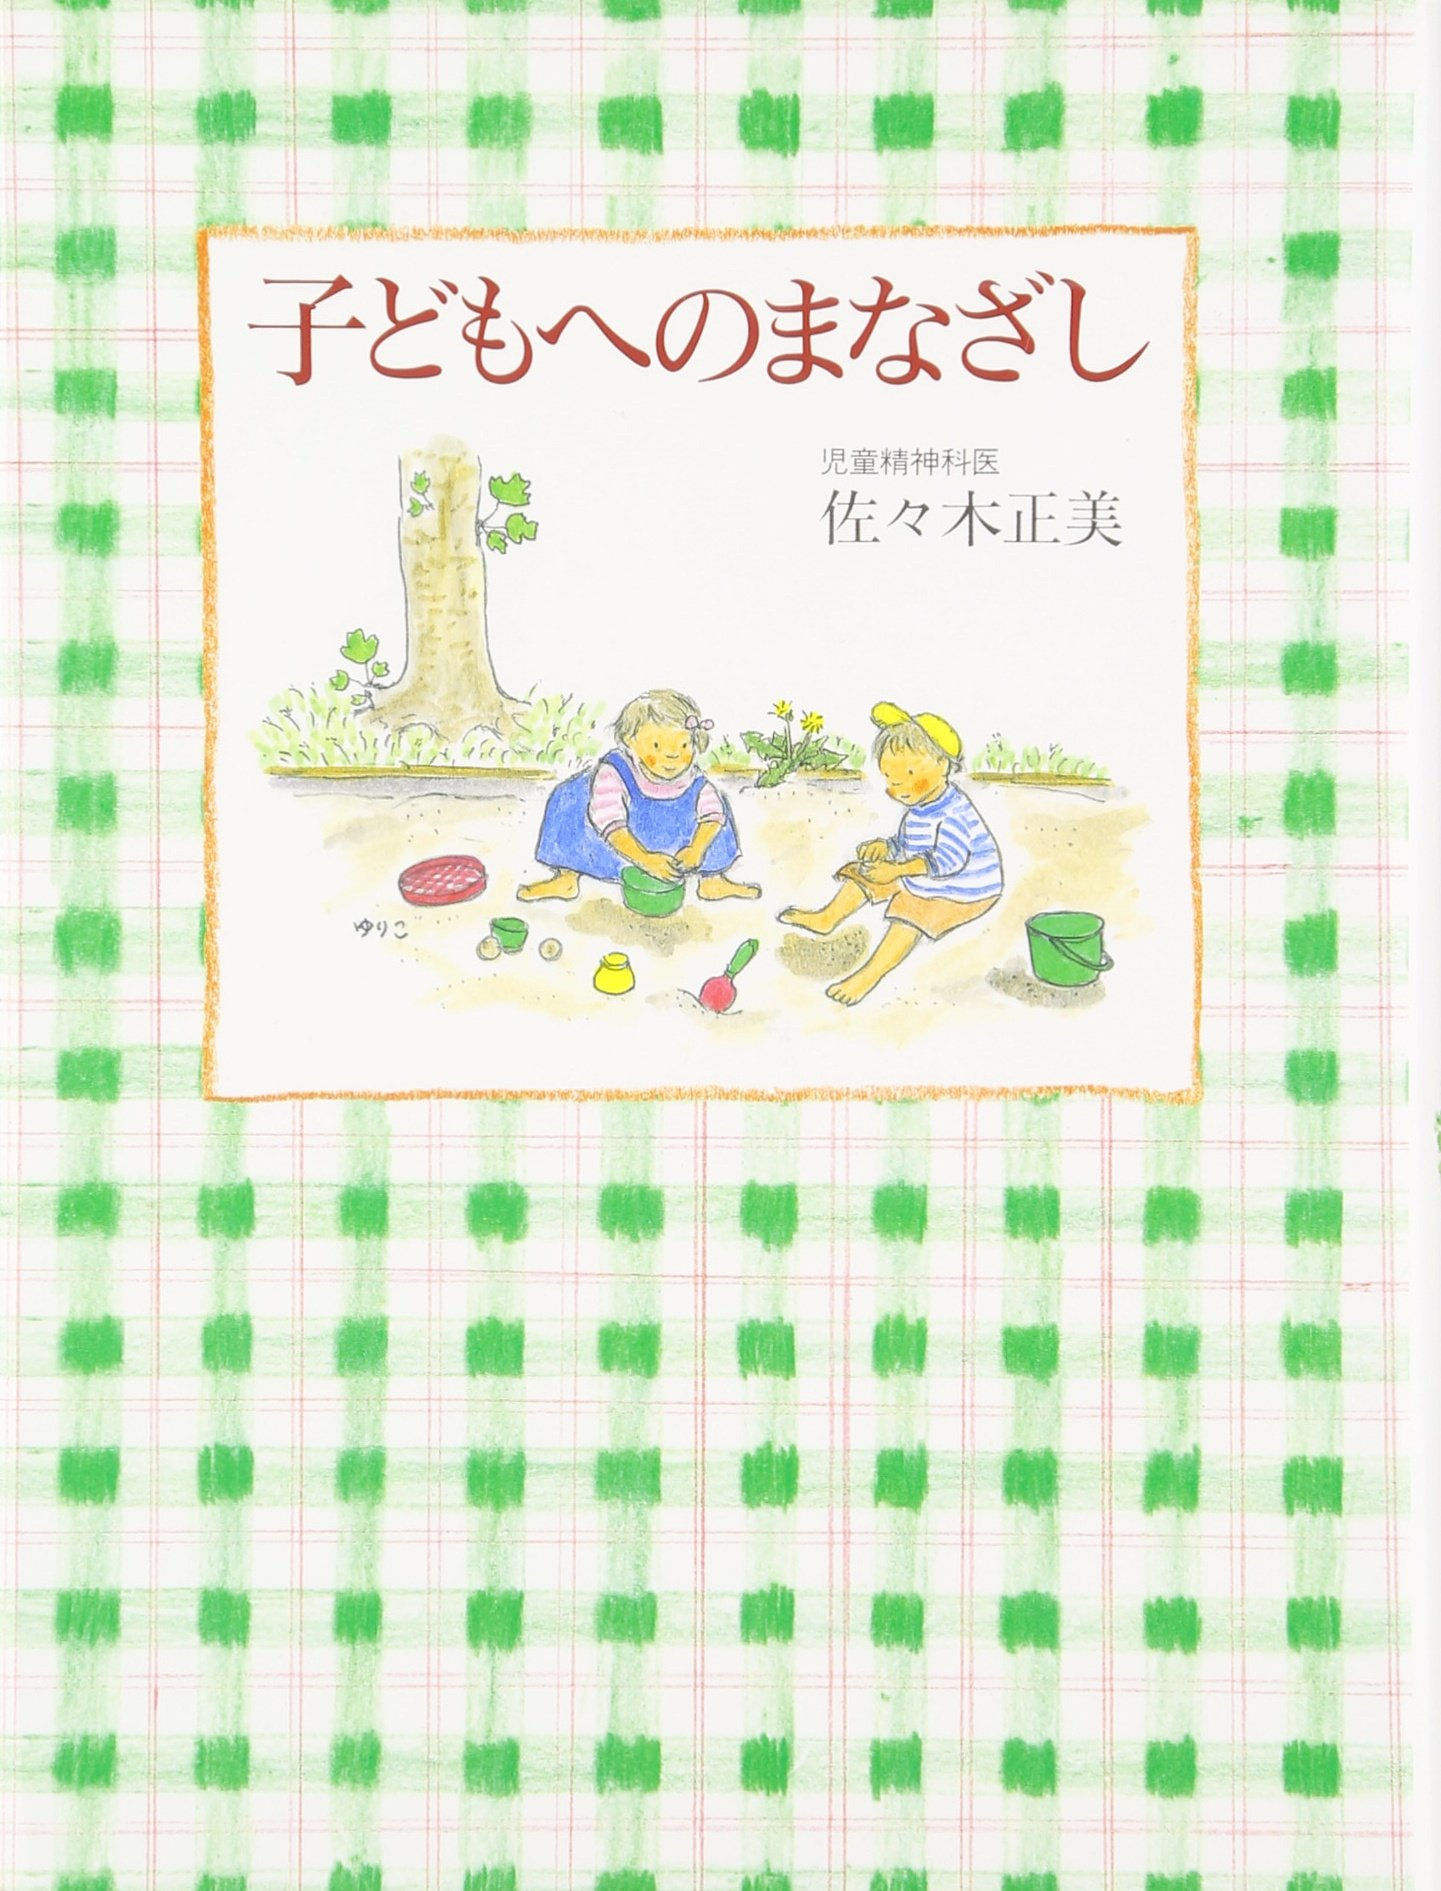 佐々木正美:著『子どもへのまなざし』(1998)